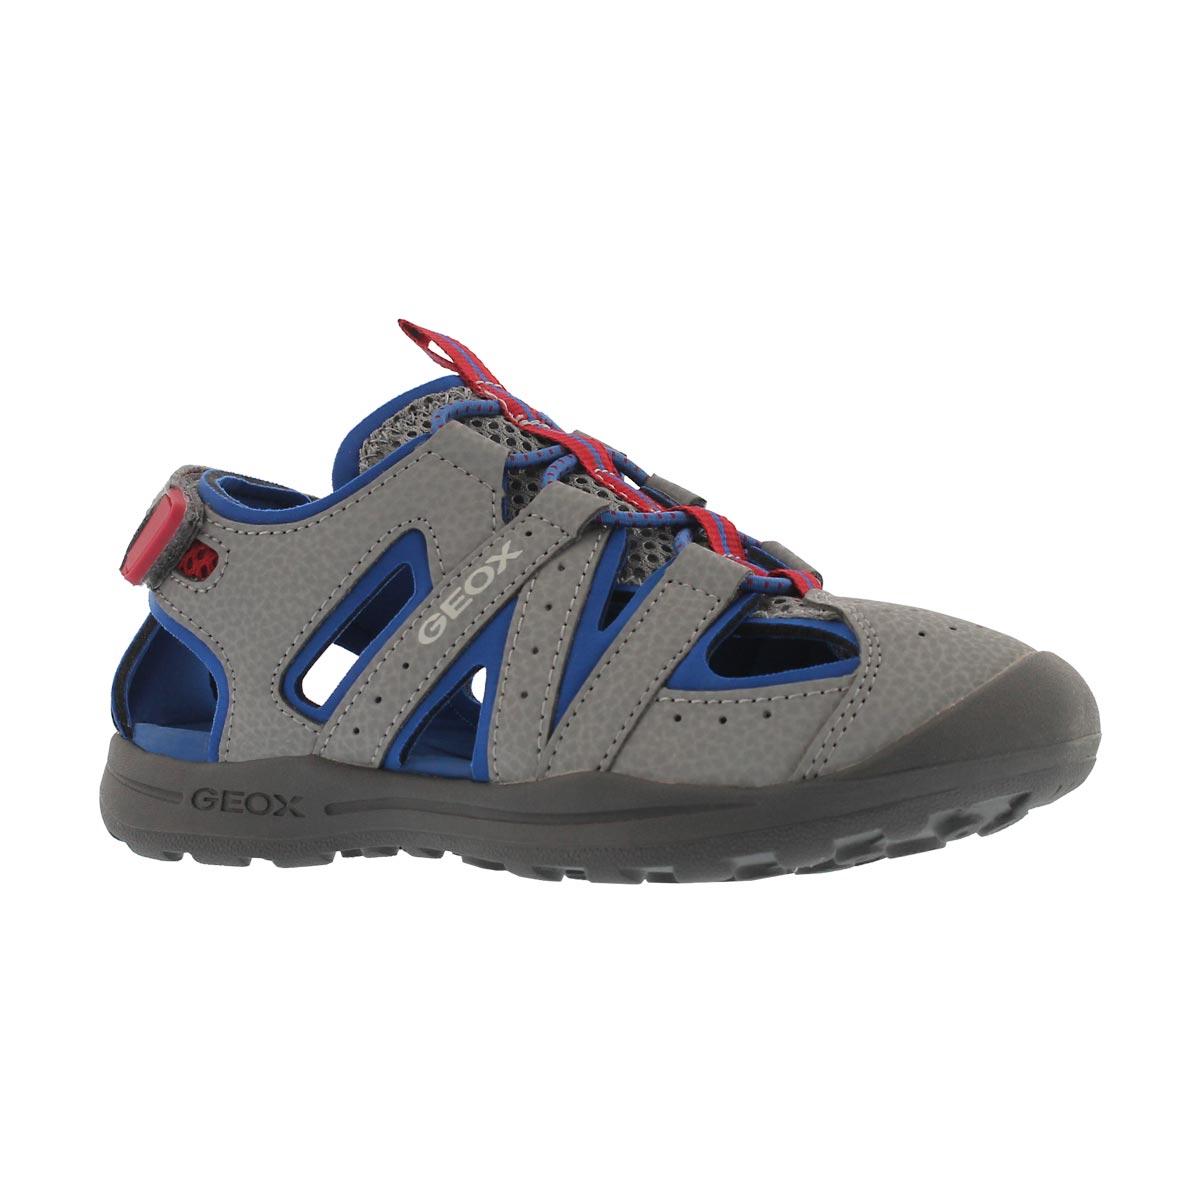 Boys' VANIETT grey/royal fisherman sandals